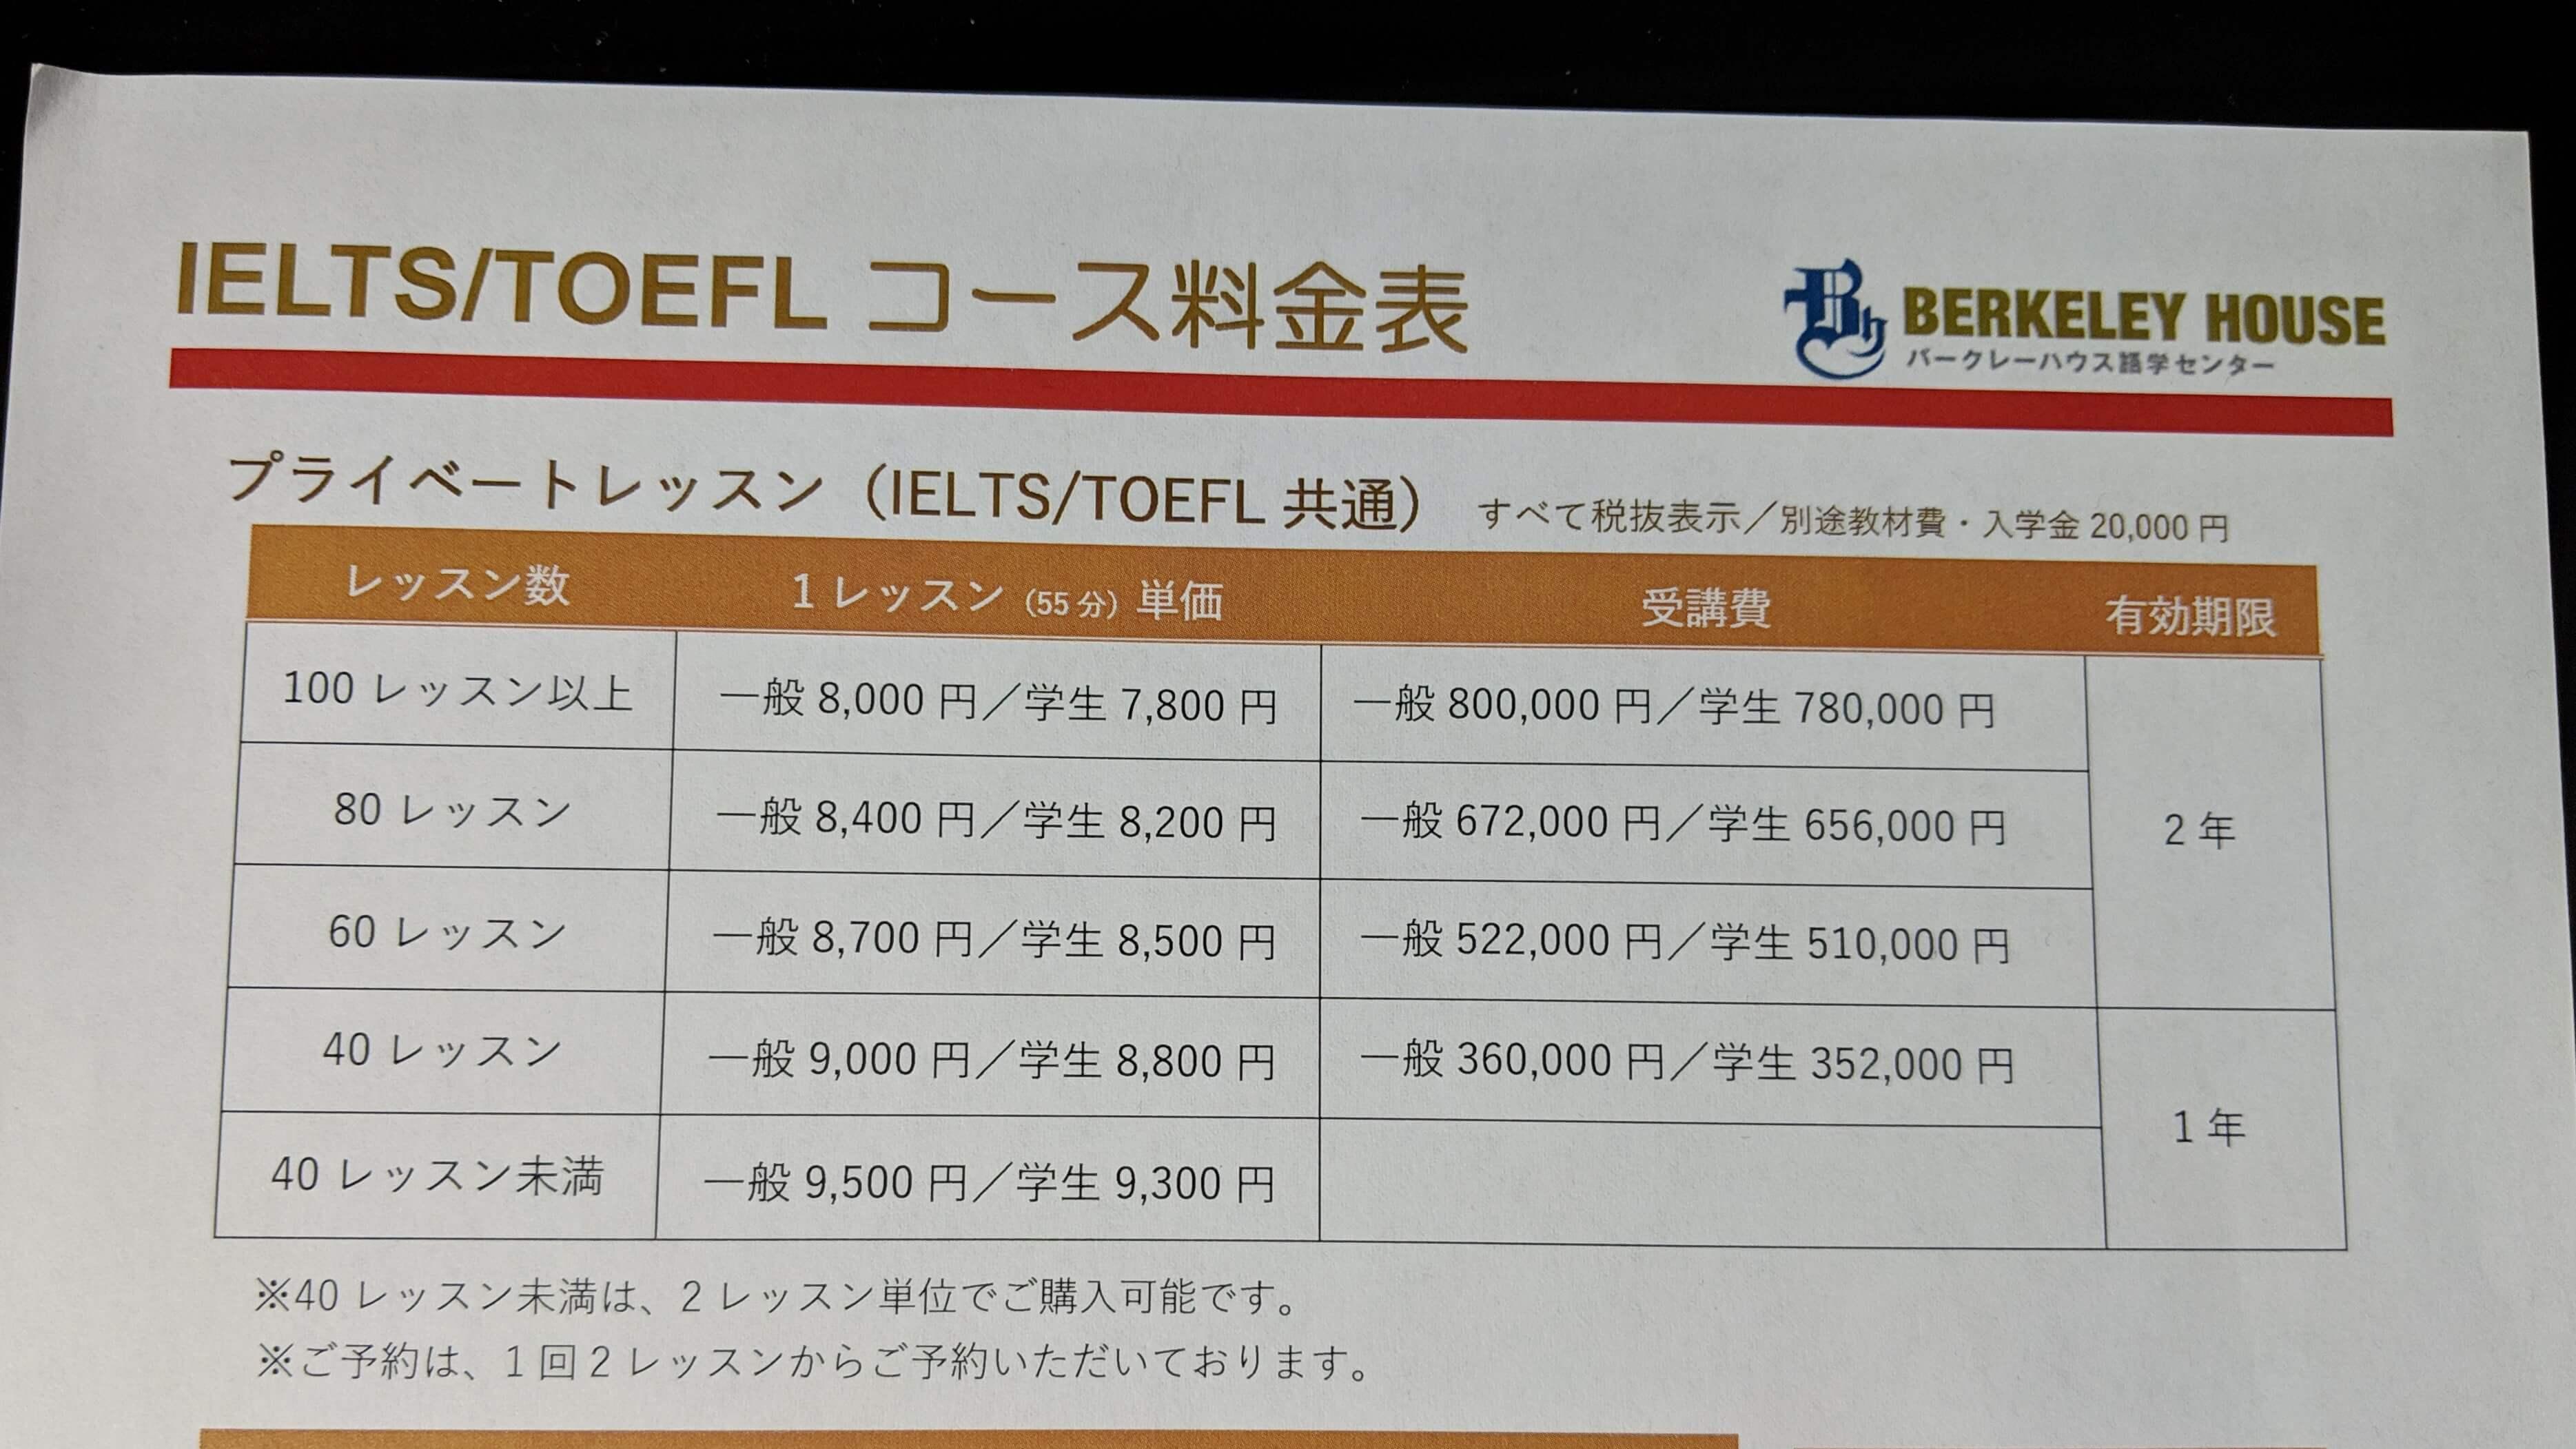 バークレーハウスIELTS/TOEFLコースの料金表